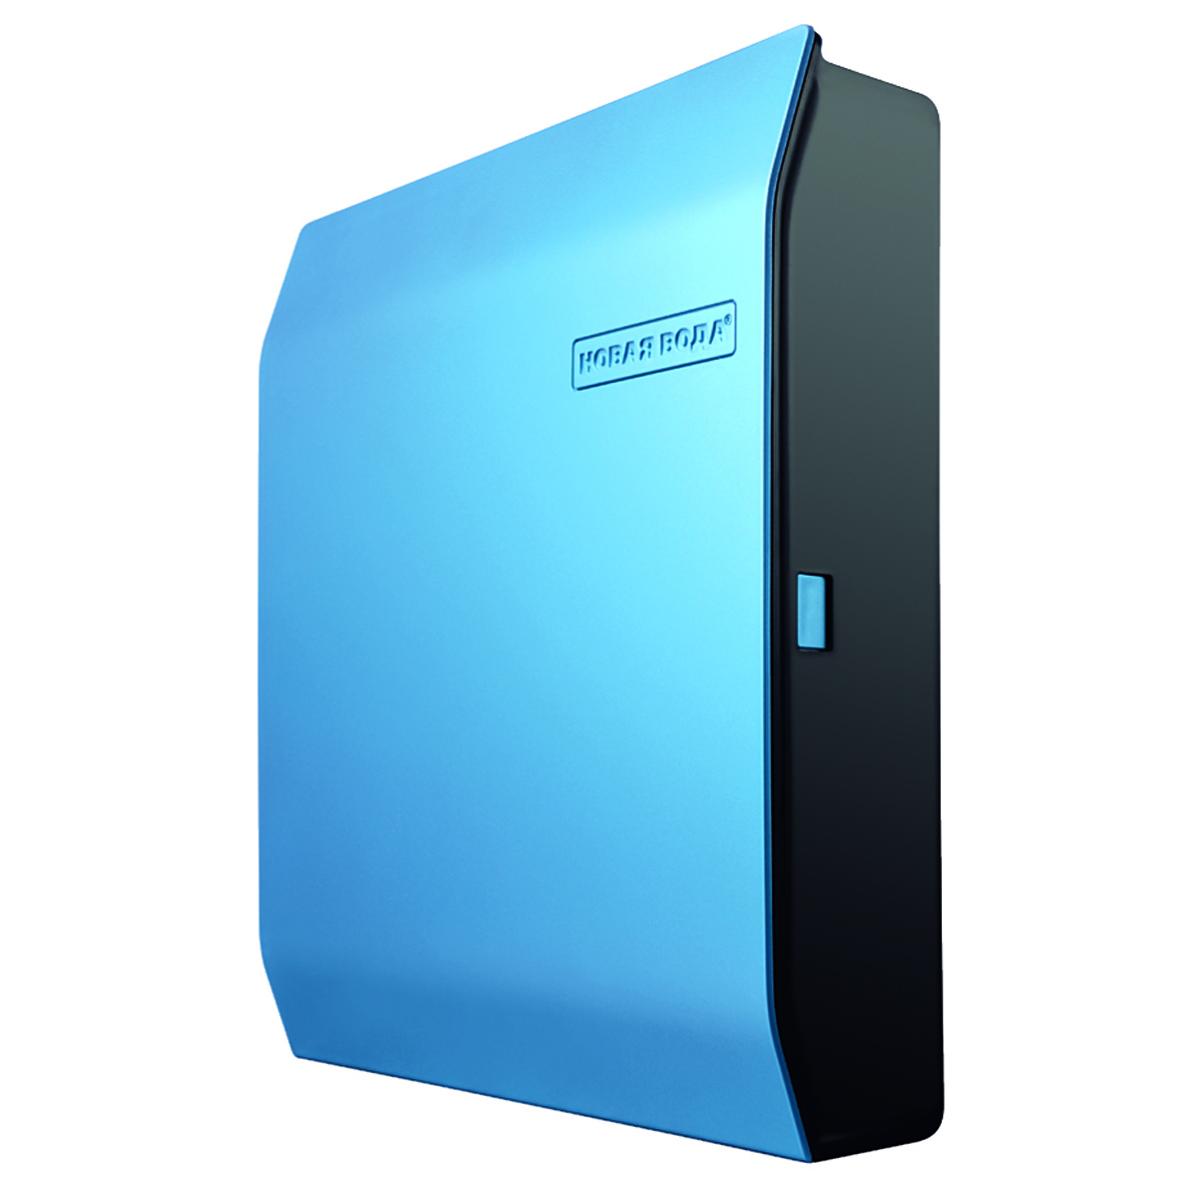 Фильтр для воды Prio Expert. M310, суперкомпактный 5-ого поколенияM310Фильтры под мойку нового поколения Expert — настоящий прорыв в области очистки воды благодаря совершенному дизайну, быстросъемным картриджам и инновационным технологиям очистки воды. Многоступенчатые системы Expert занимают на 50% меньше места, чем традиционные системы, они имеют тонкий корпус — всего 8,5 см — и обладают ультрасовременным дизайном. Это позволяет: - разместить фильтр под мойкой, не занимая при этом много места - быть уверенным в том, что фильтр не будет поврежден при размещении под мойкой посуды и хоз.принадлежностей (например, мусорного ведра) - разместить фильтр на открытом пространстве над, либо рядом с мойкой, восхищая гостей превосходным дизайном системы и облегчая доступ к ней при смене картриджей - устанавливать фильтр горизонтально (например, закрепляя к верхней части шкафа под мойкой), делая его практически незаметным Использование: очистка от механических примесей (ржавчины, ила, песка и т.п.), растворенных примесей, таких как...